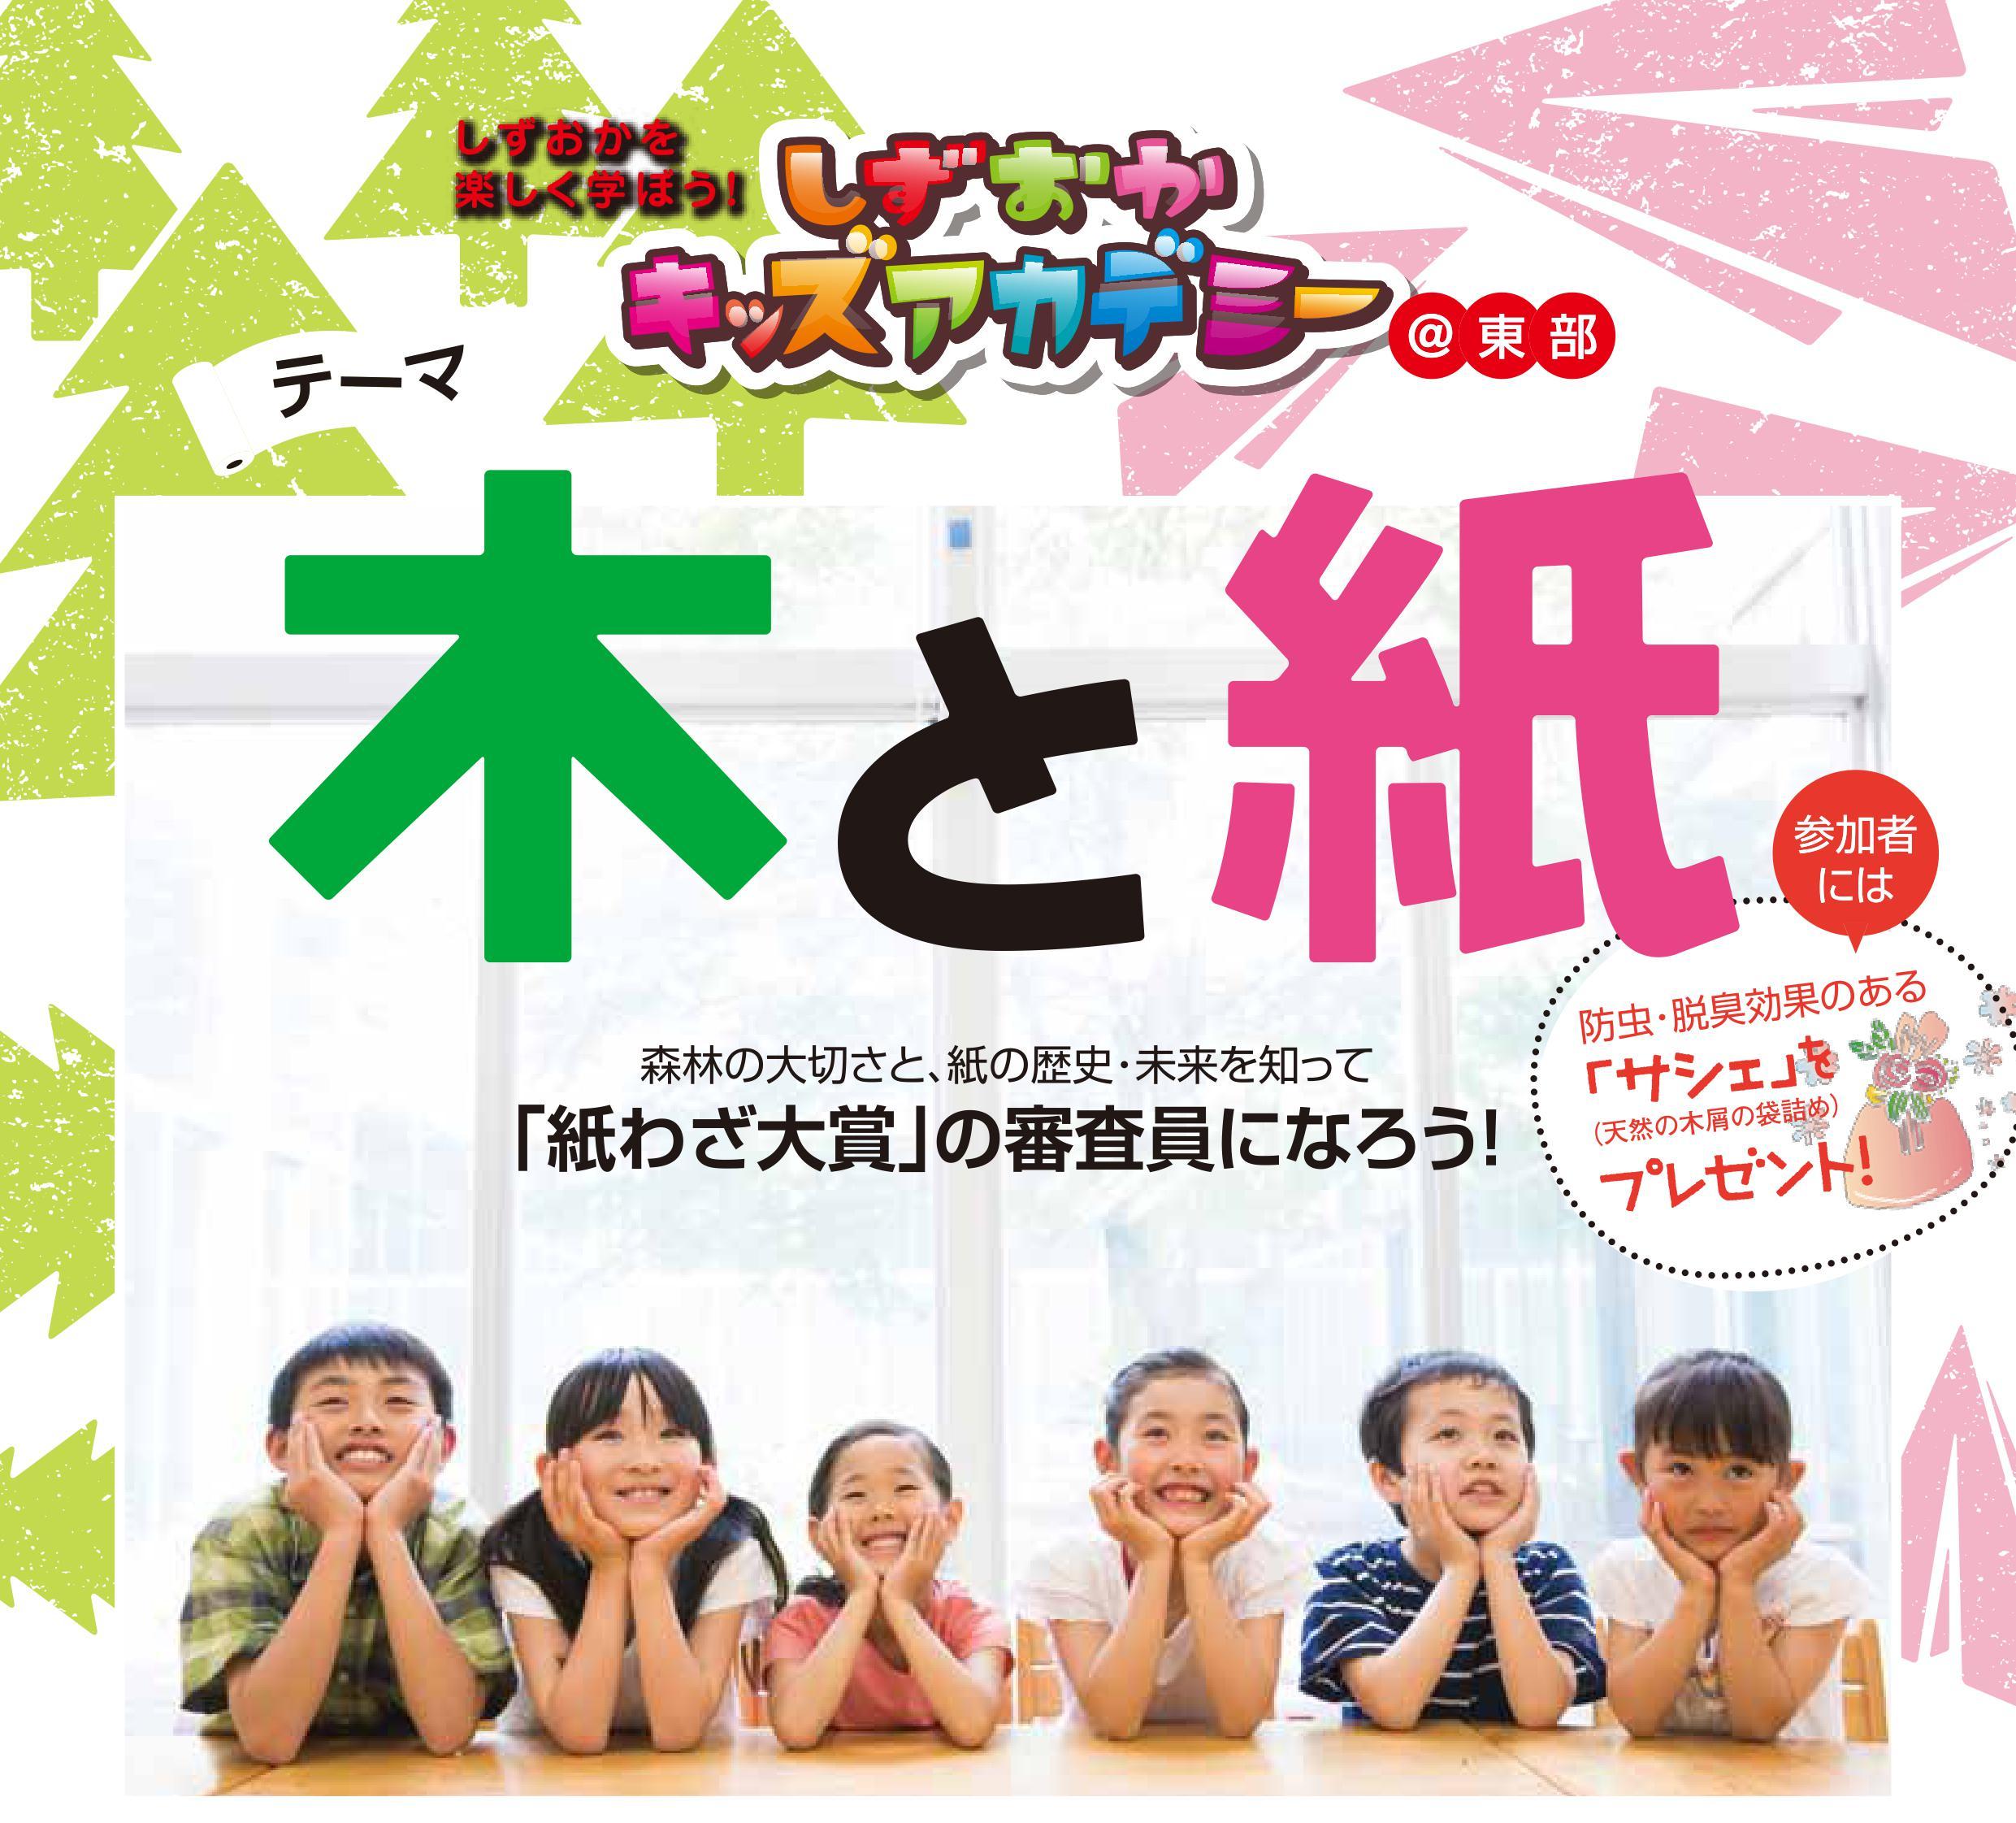 しずおかキッズアカデミー@東部 「木と紙」 開催